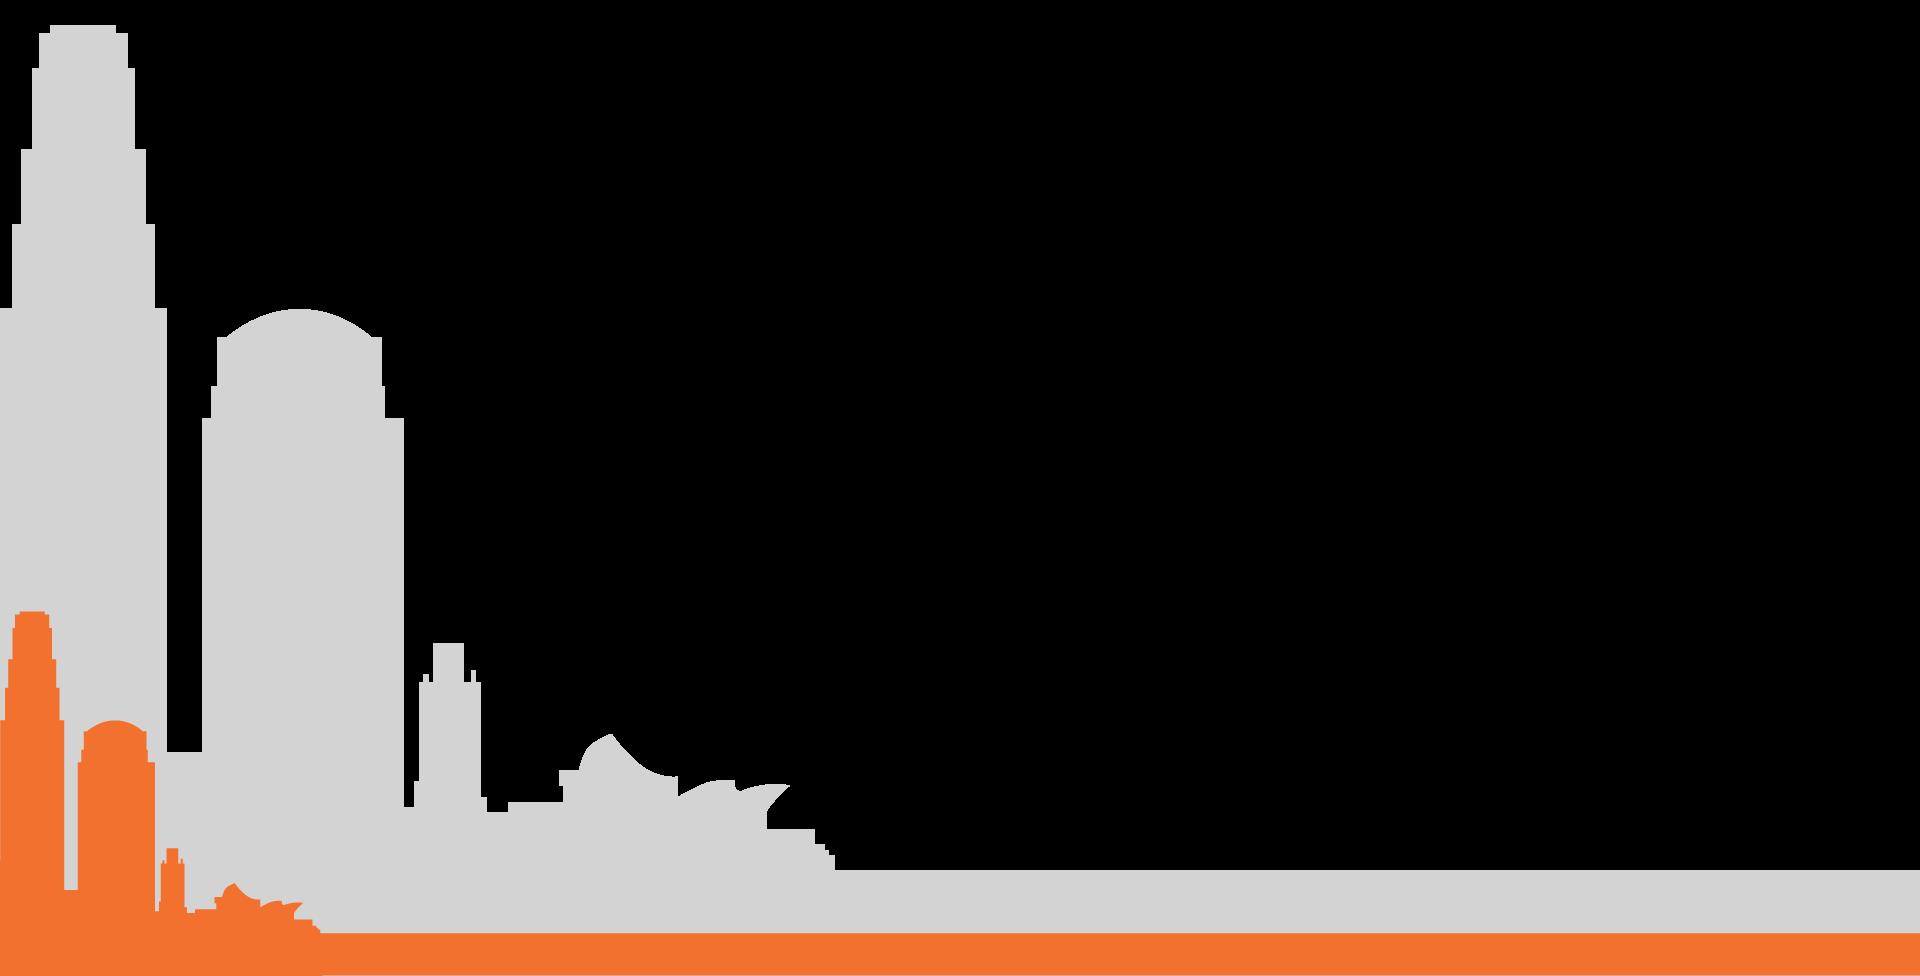 la-skyline-background